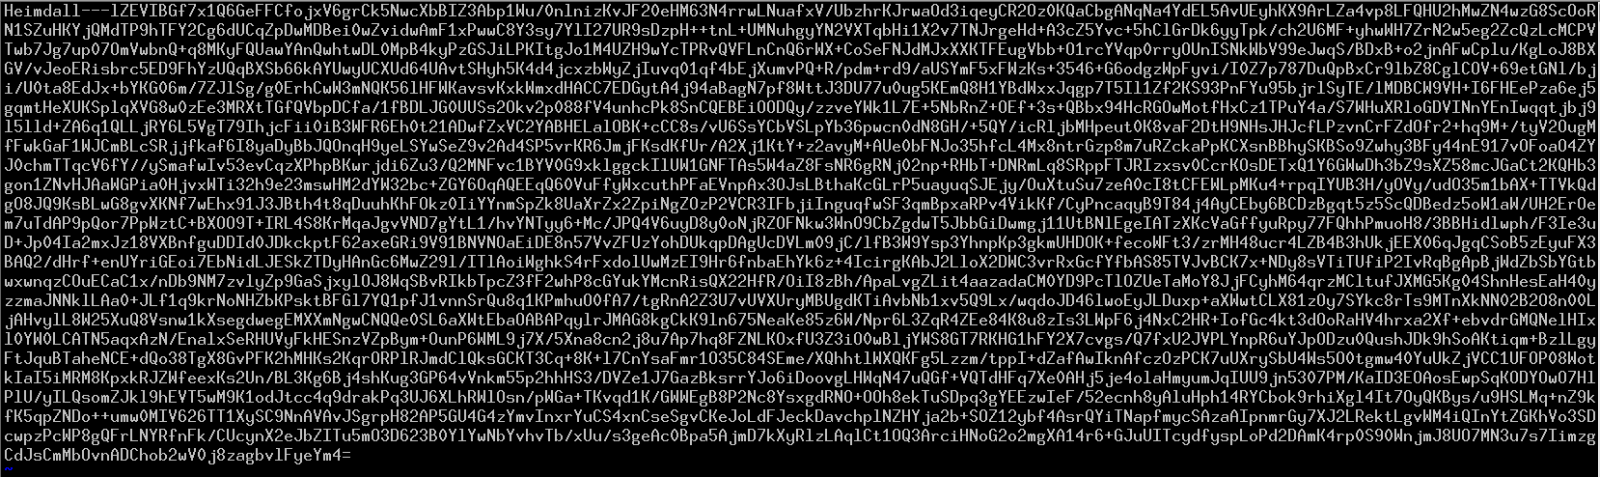 Heimdall locked file